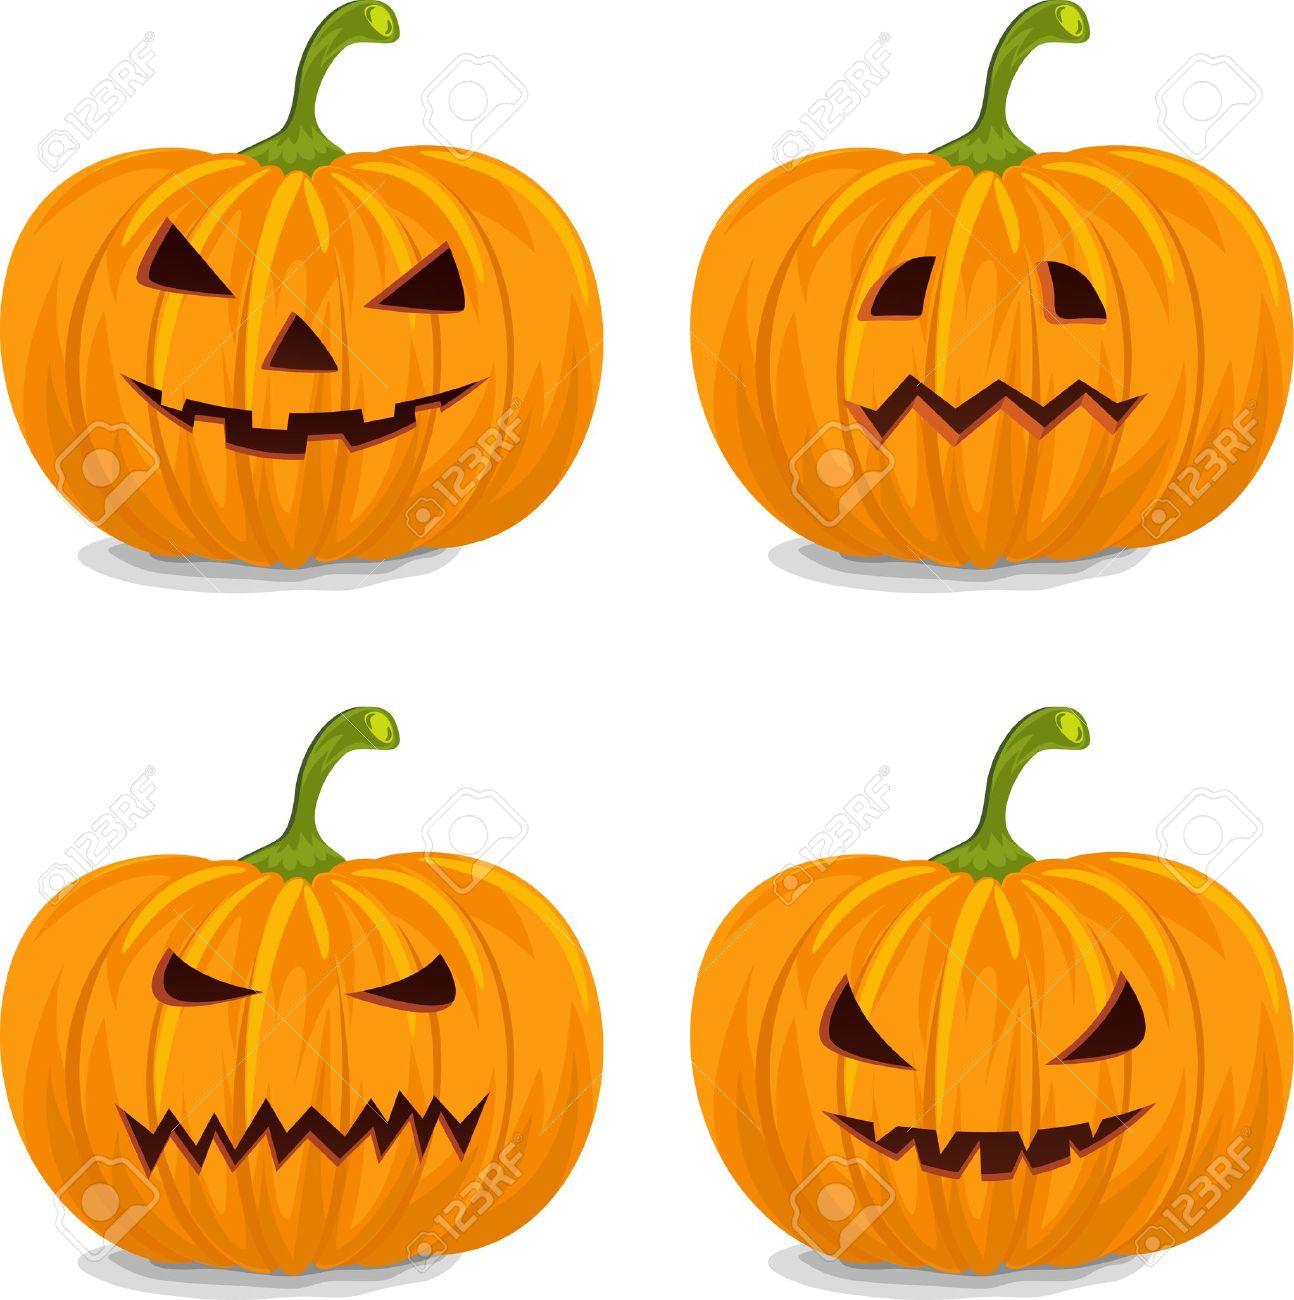 1294x1300 Decorative Pumpkins Clipart